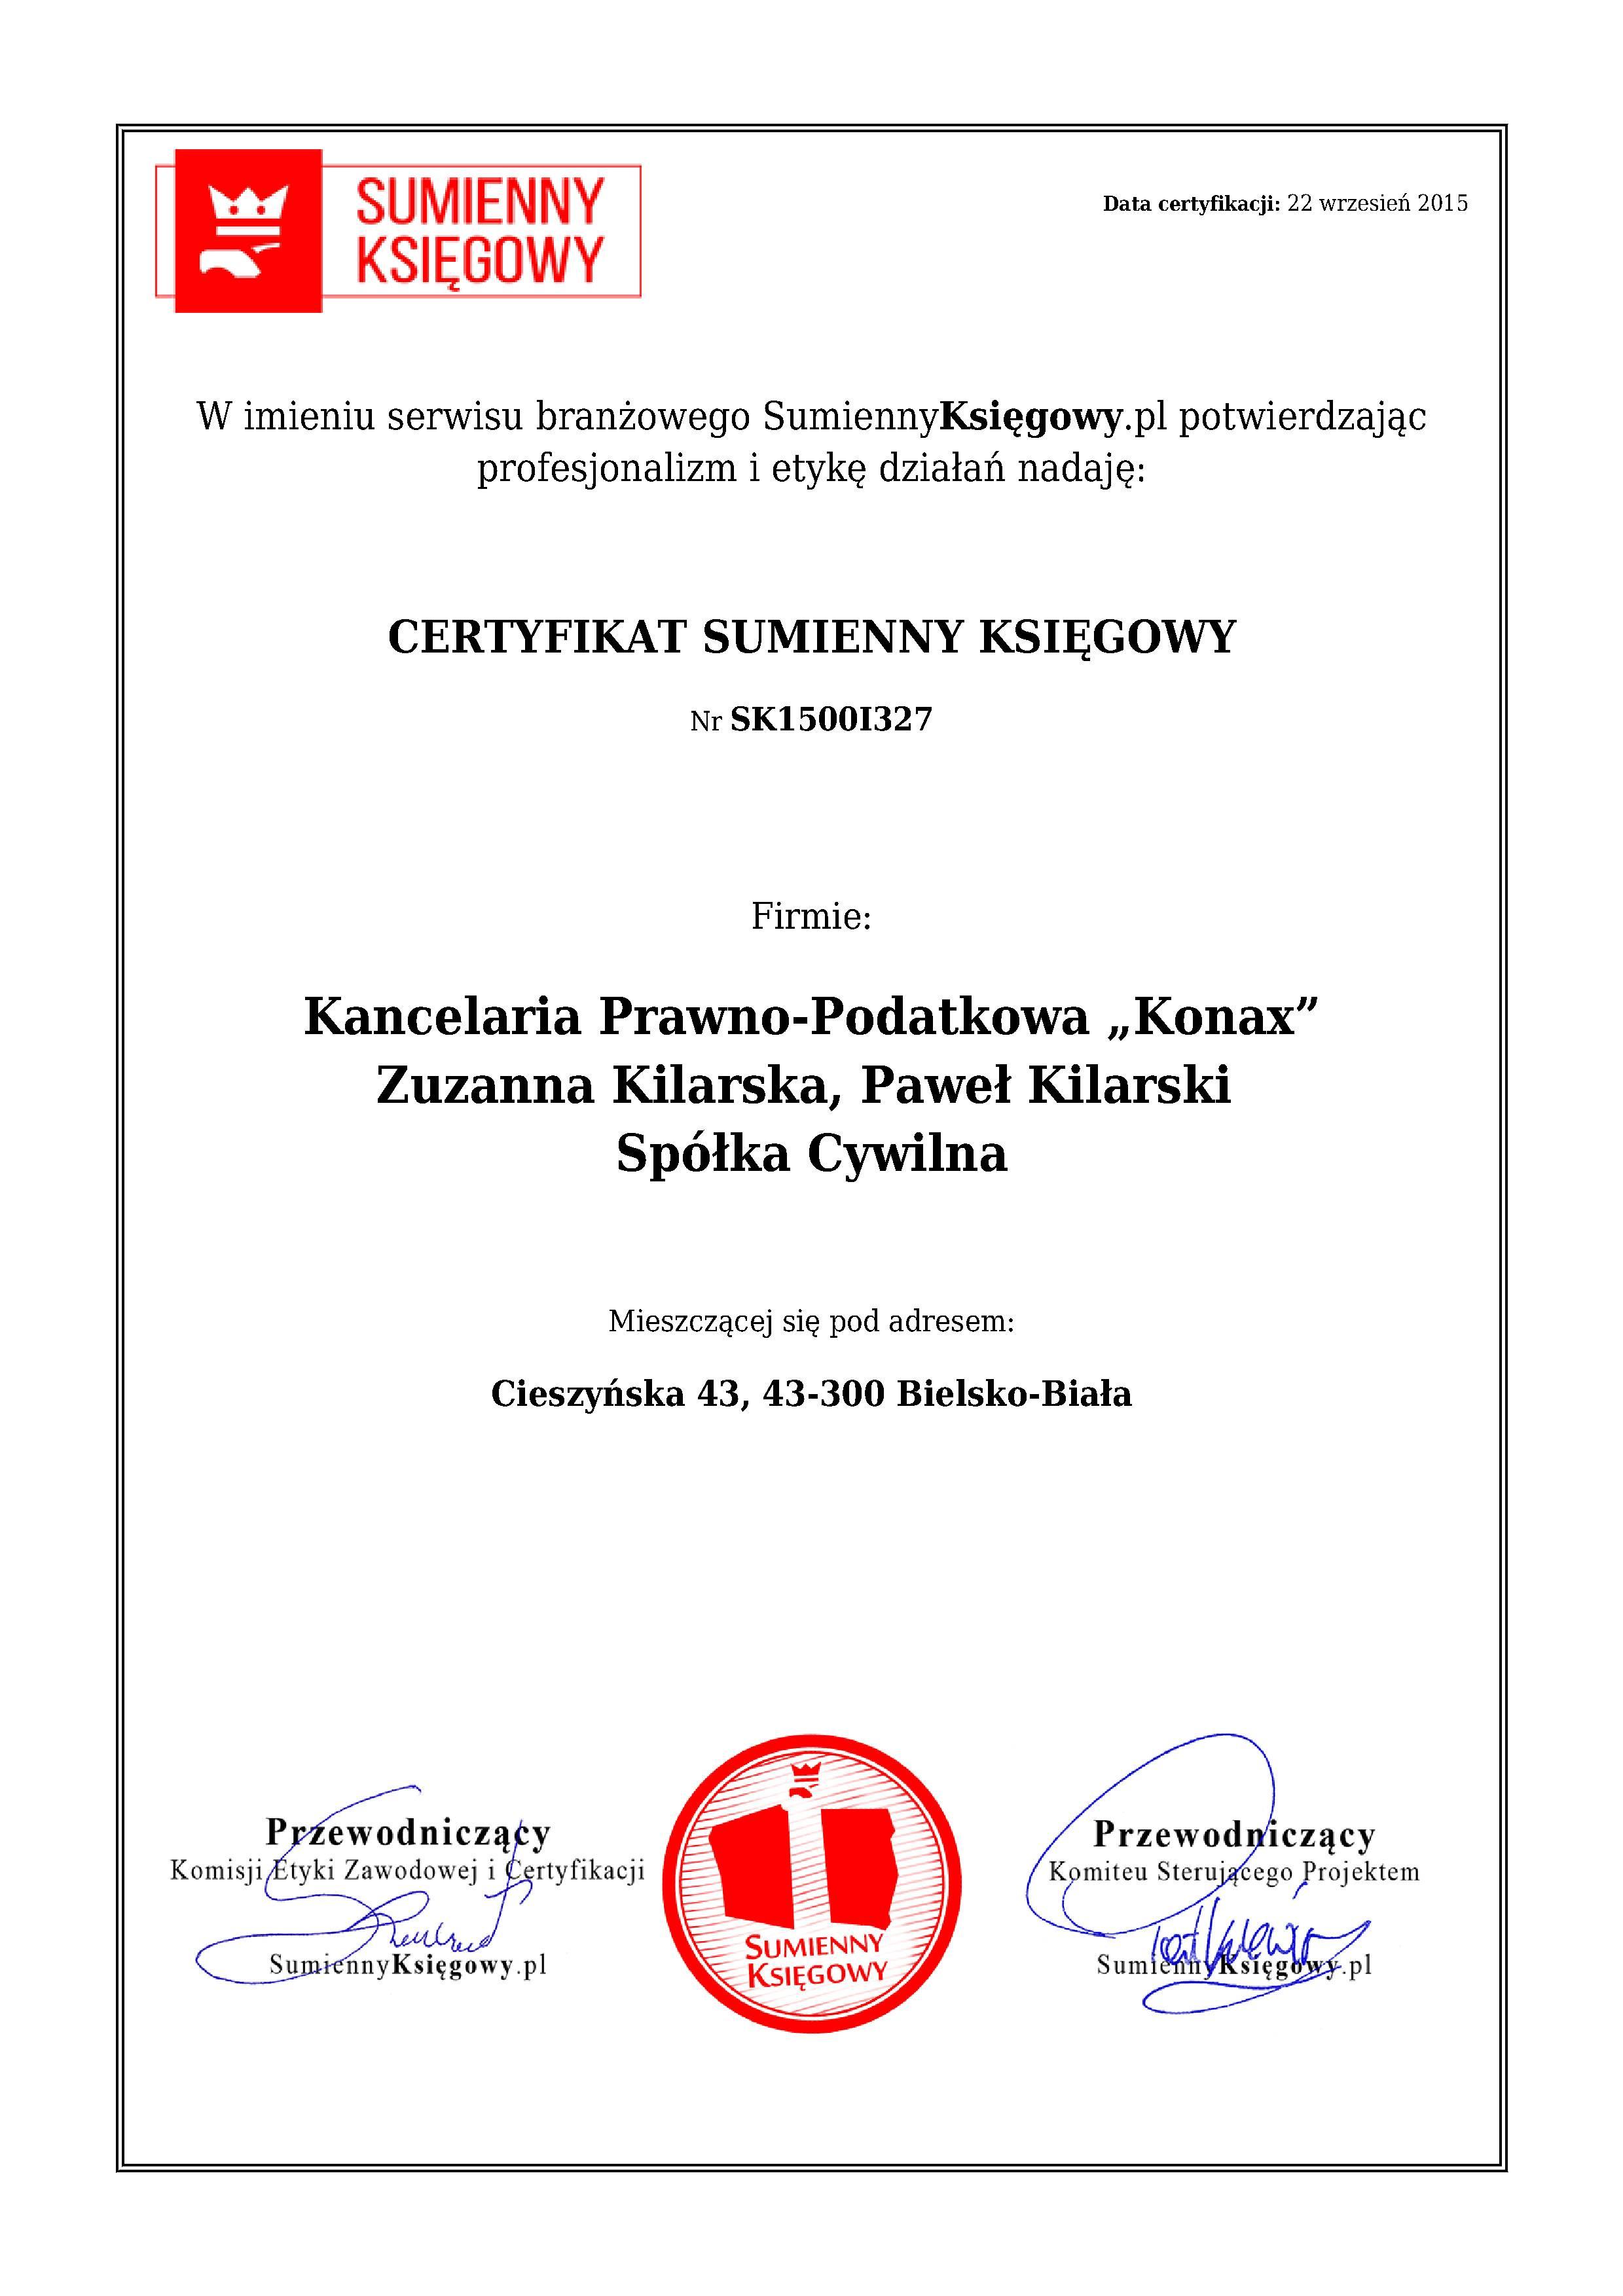 """Certyfikat Kancelaria Prawno-Podatkowa """"Konax"""" Zuzanna Kilarska, Paweł KilarskiSpółka Cywilna"""